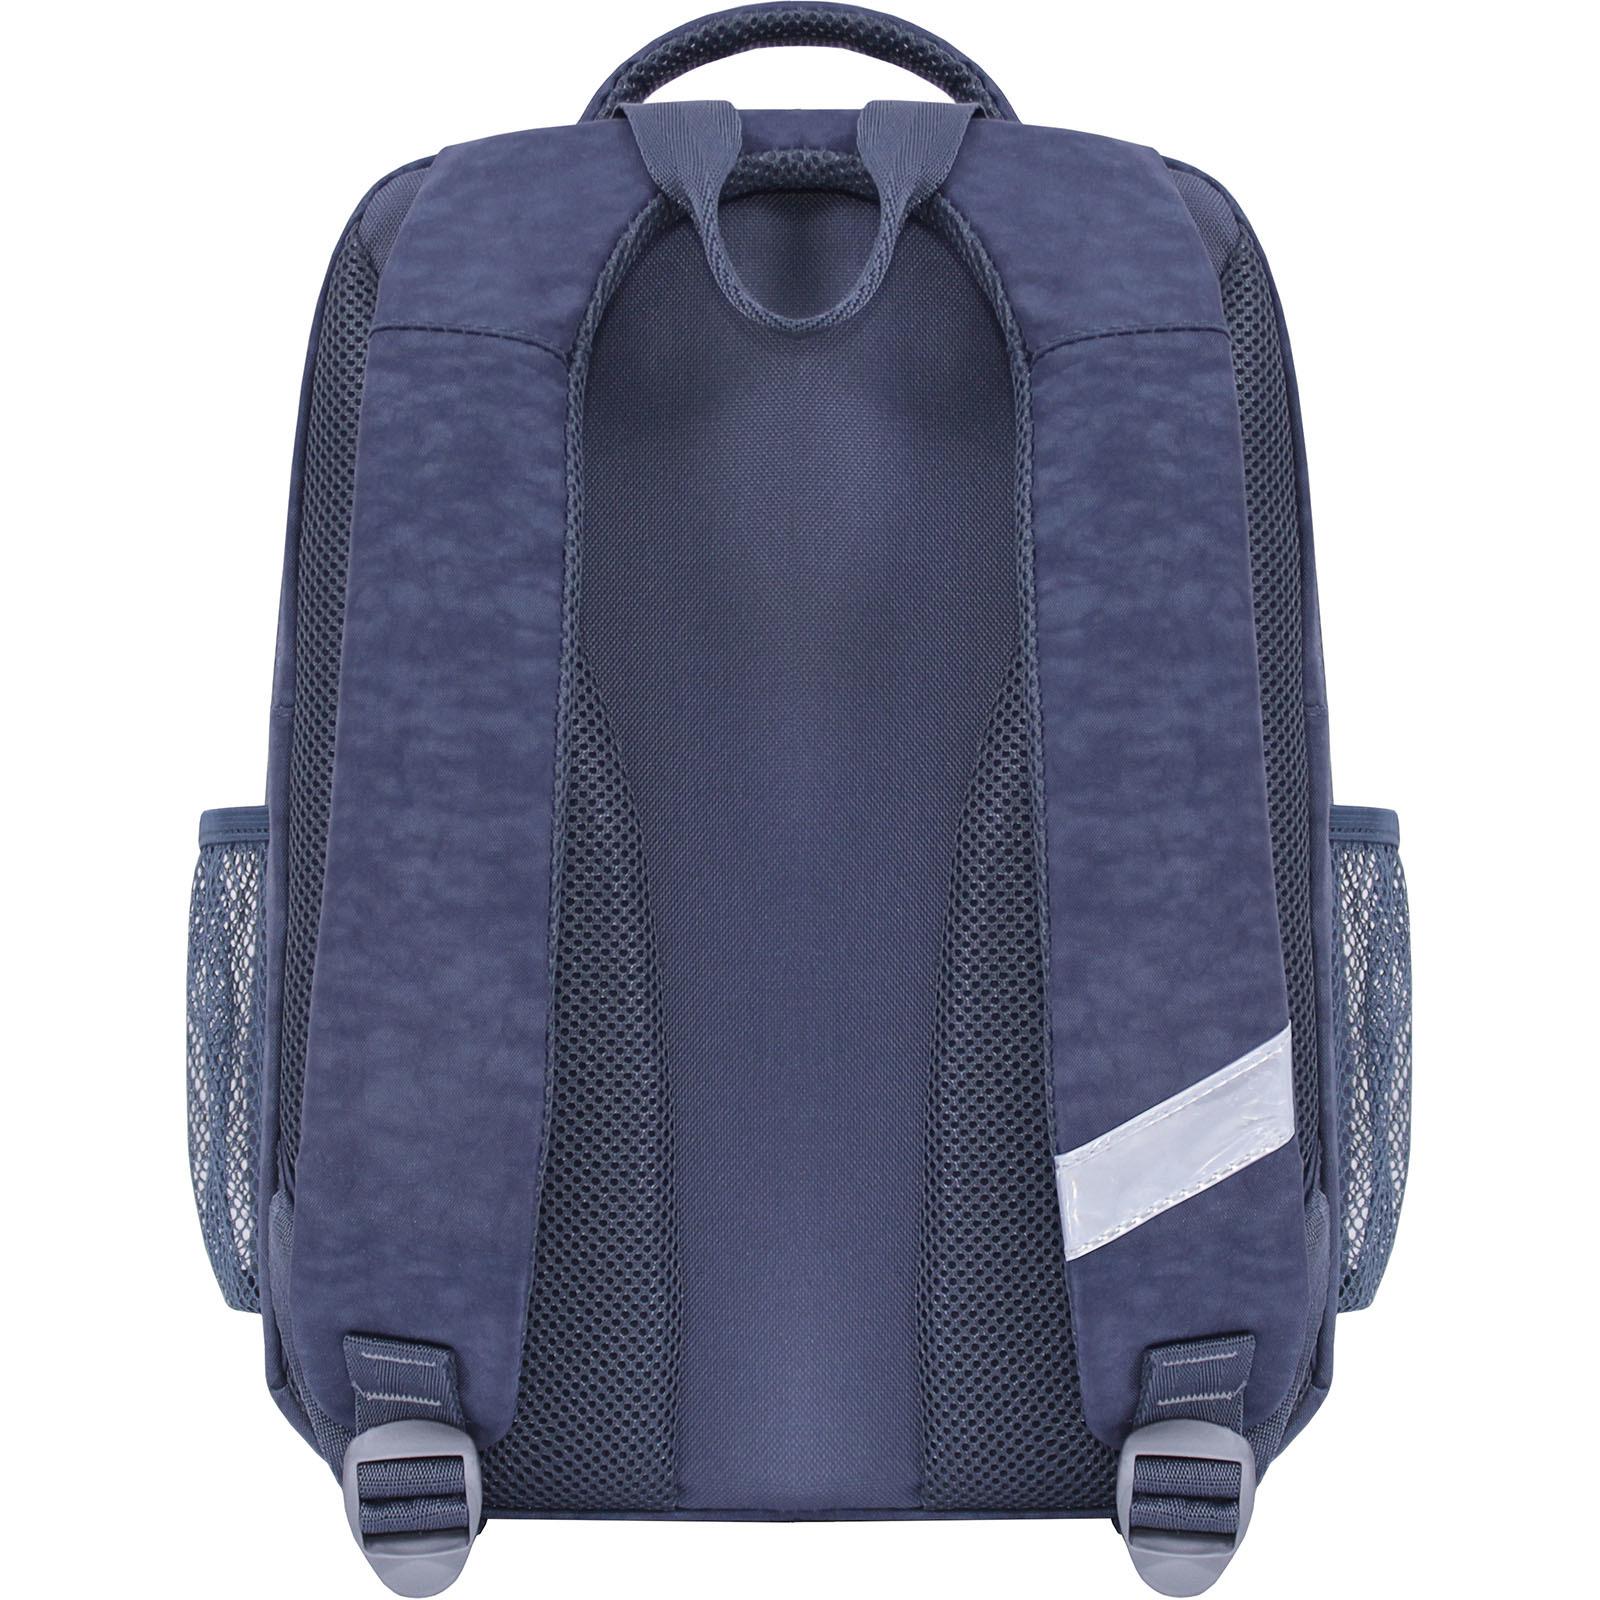 Рюкзак школьный Bagland Школьник 8 л. 321 серый 499 (0012870) фото 3